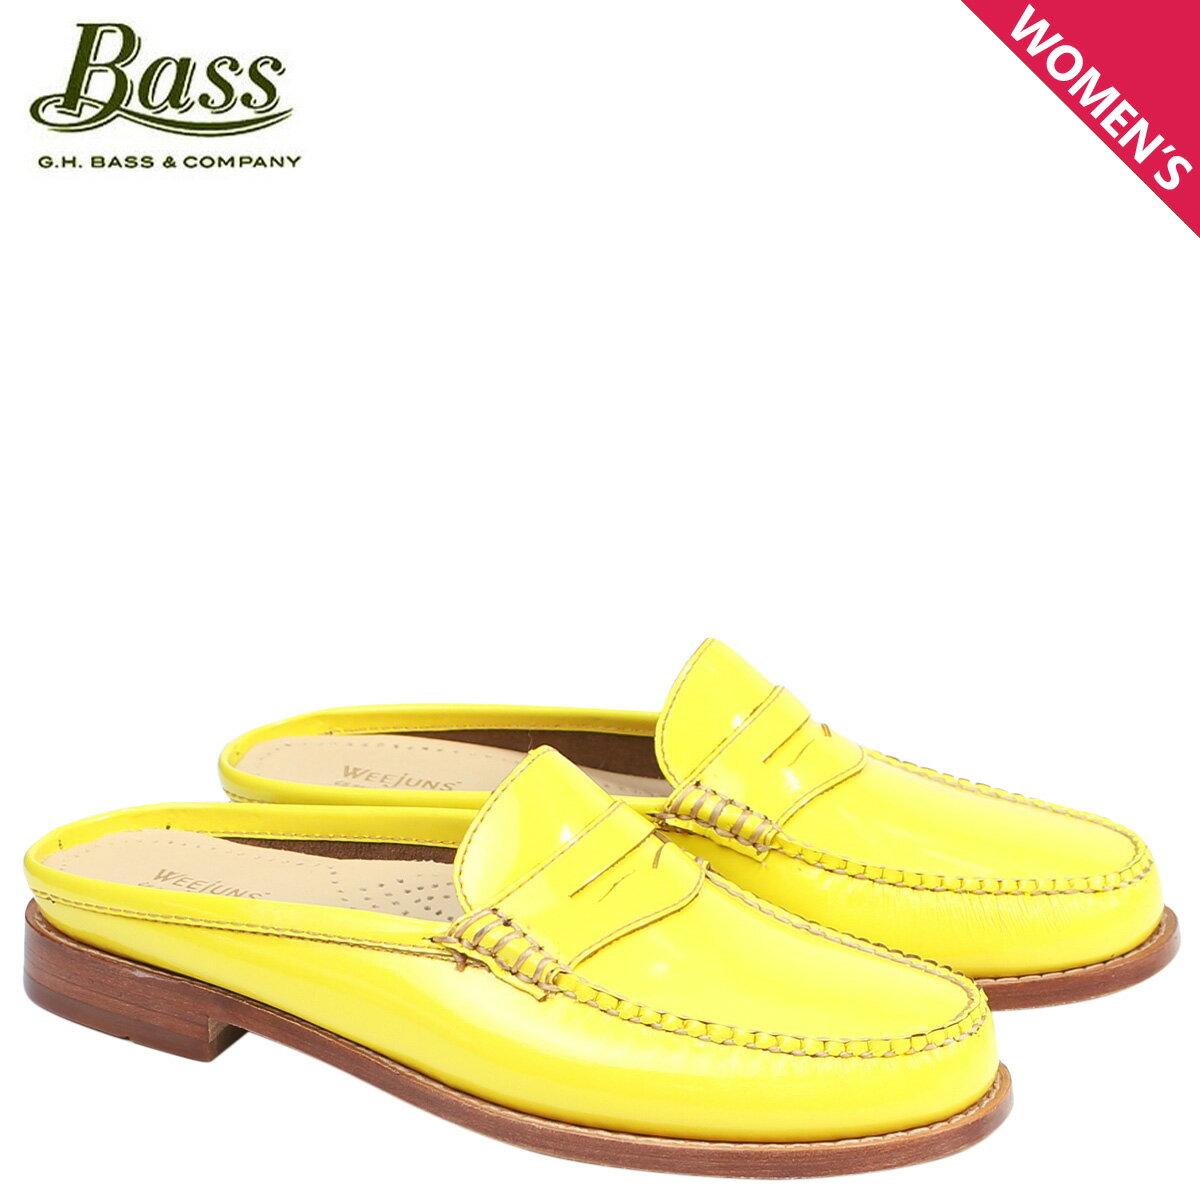 ジーエイチバス ローファー G.H. BASS レディース サンダル スリッパ バブーシュ WYNN PATENT LEATHER MULE WEEJUNS 71-22853 靴 イエロー [176]